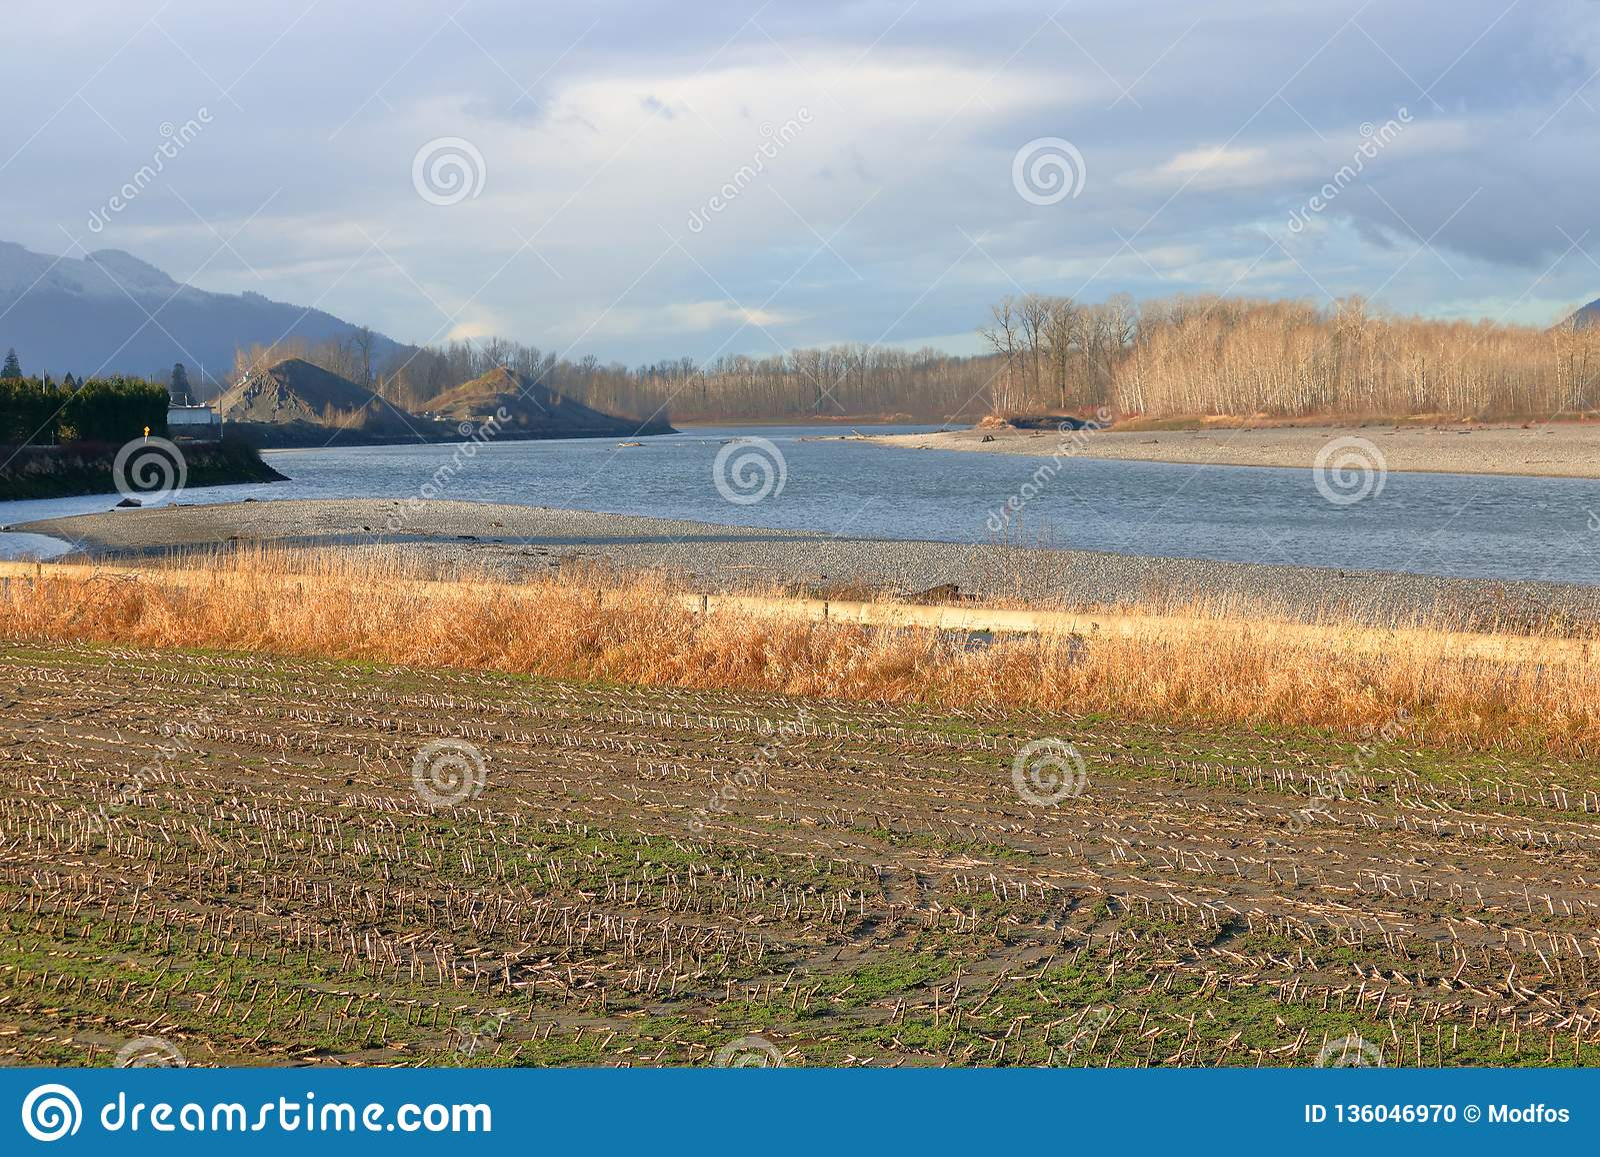 Αγροτική γη με έναν άνεμος ποταμό